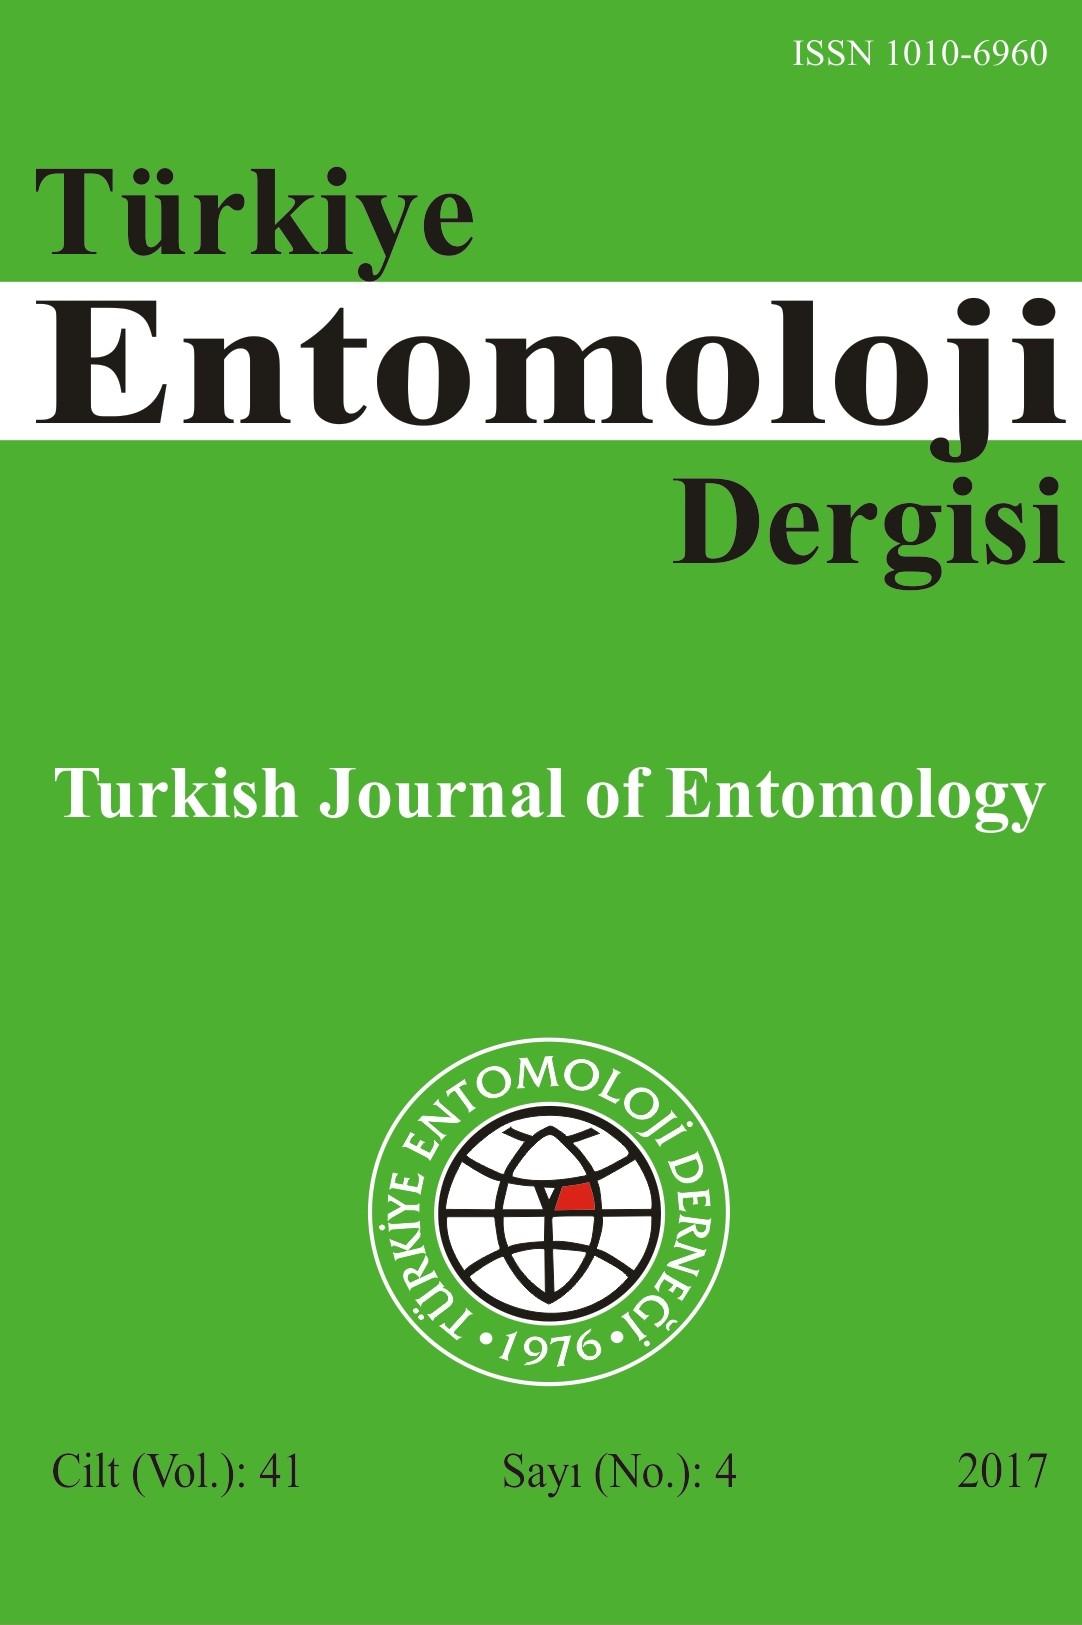 Turkish Journal of Entomology